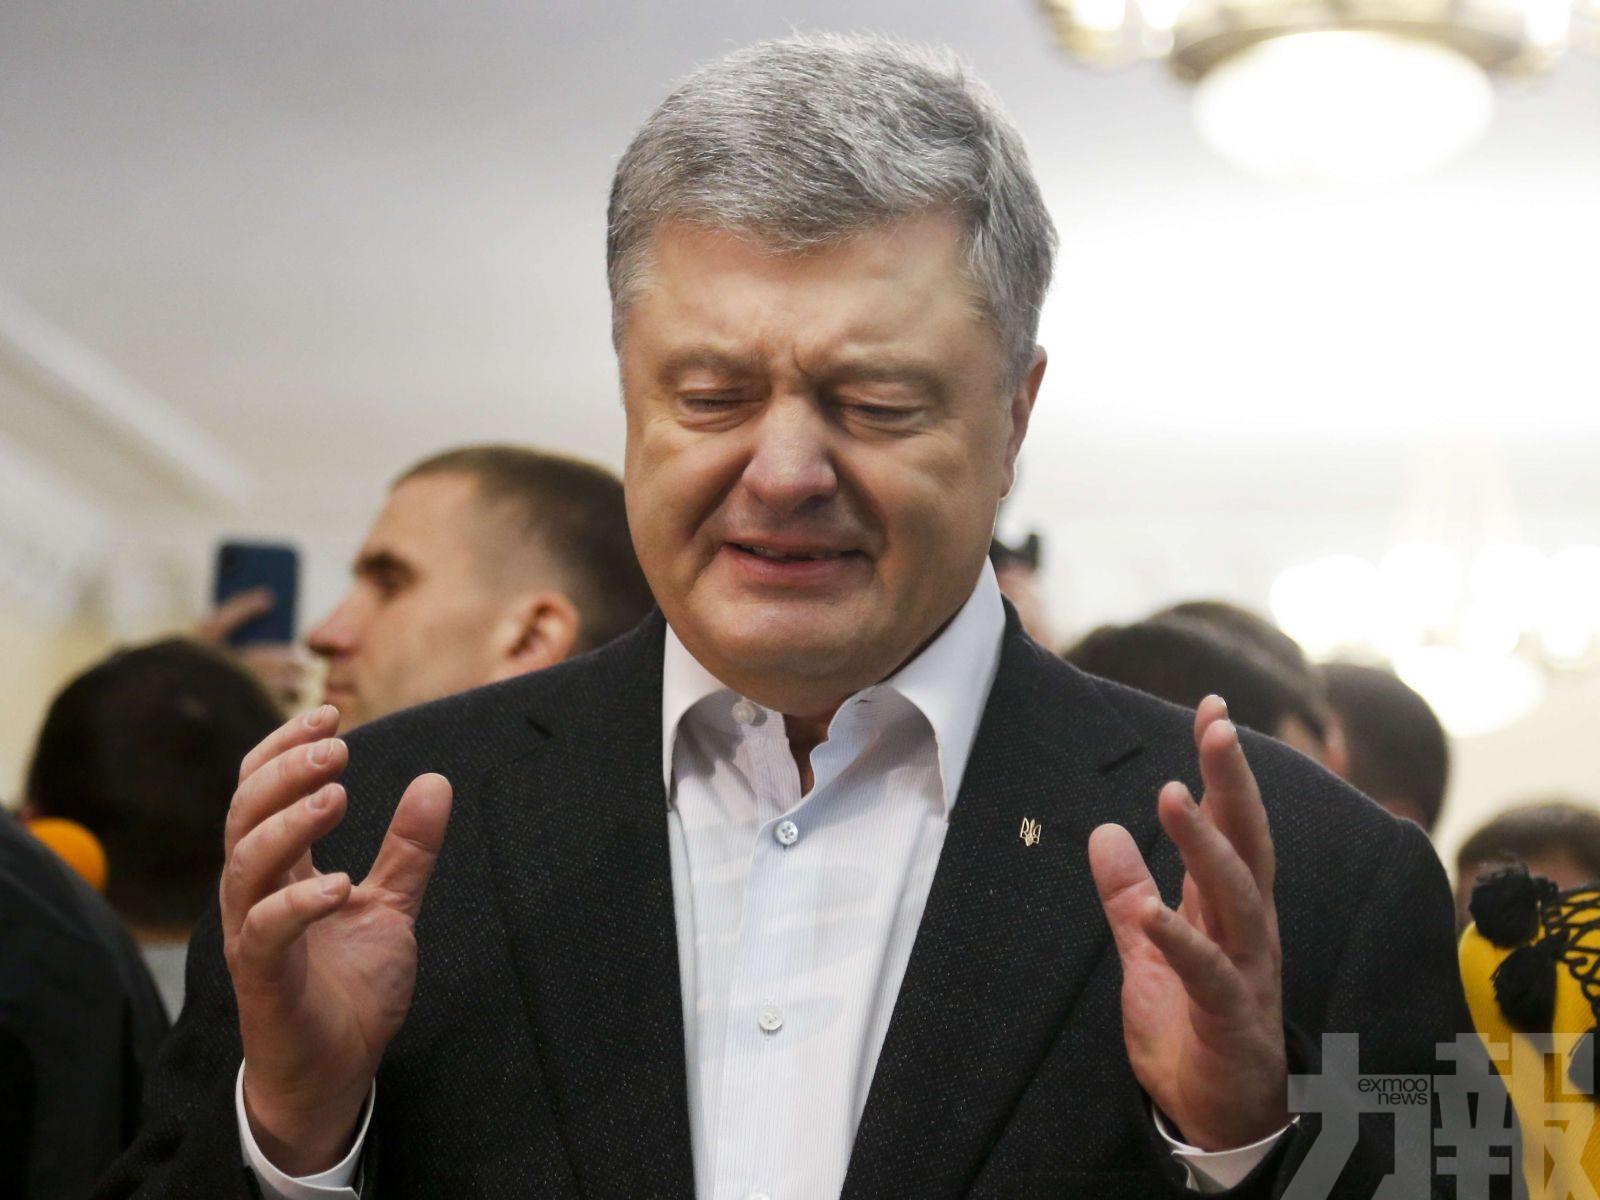 烏克蘭喜劇演員當選總統